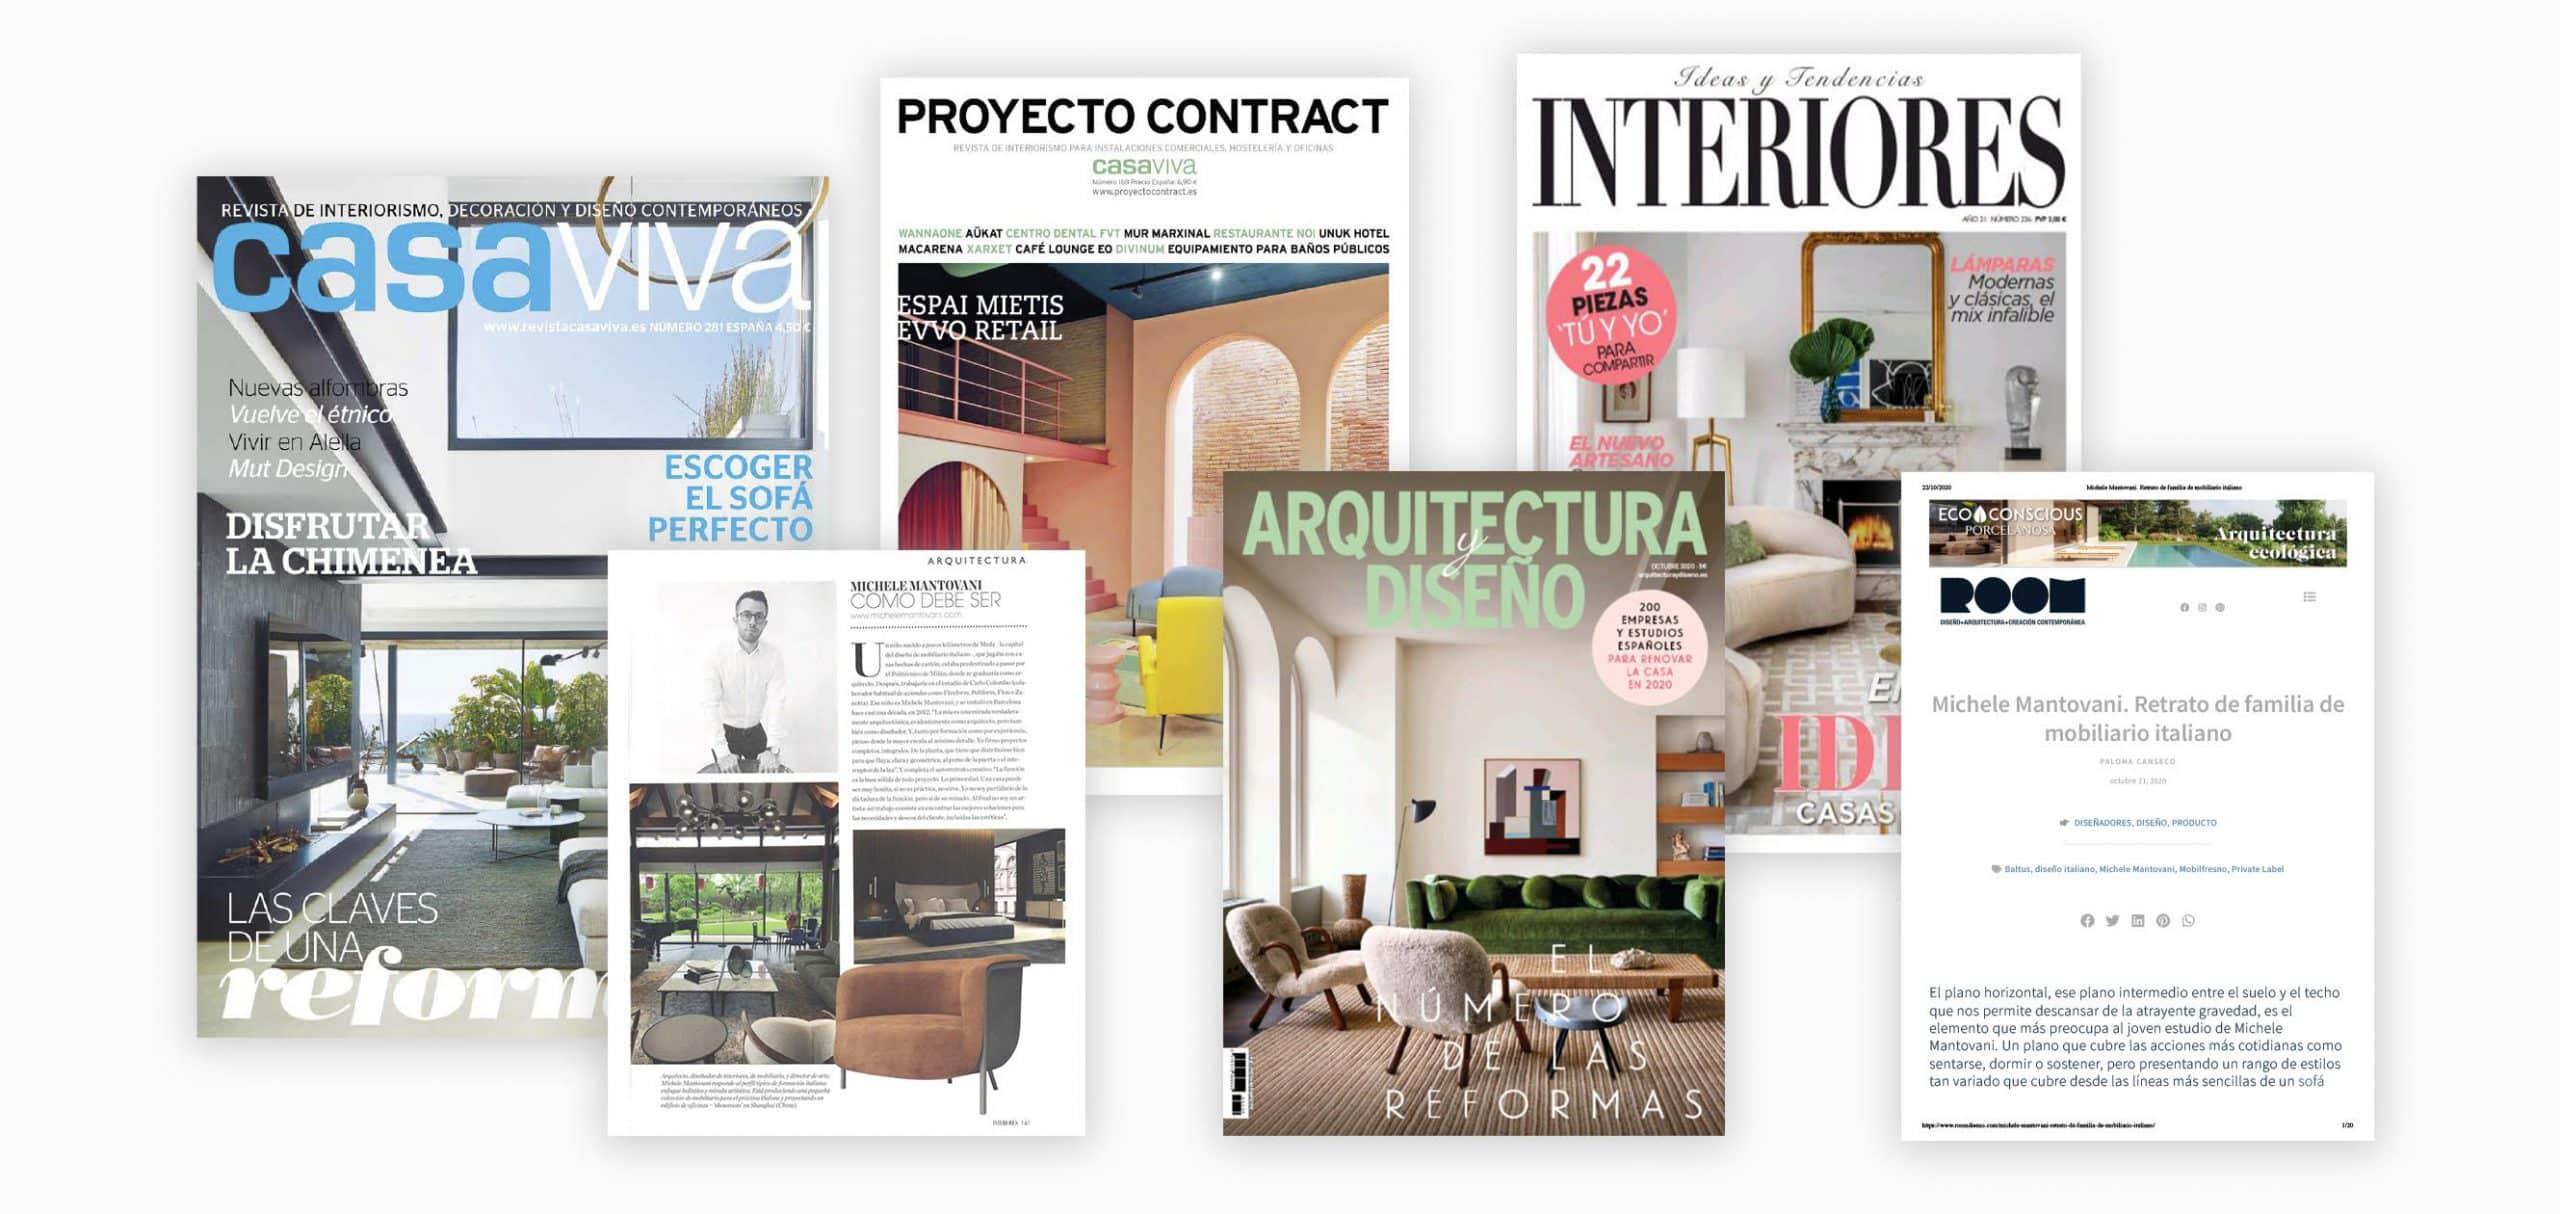 Durante 2020 conseguimos dar visibilidad a nuestros proyectos en las revistas de arquitectura e interiorismo más influyentes del país.